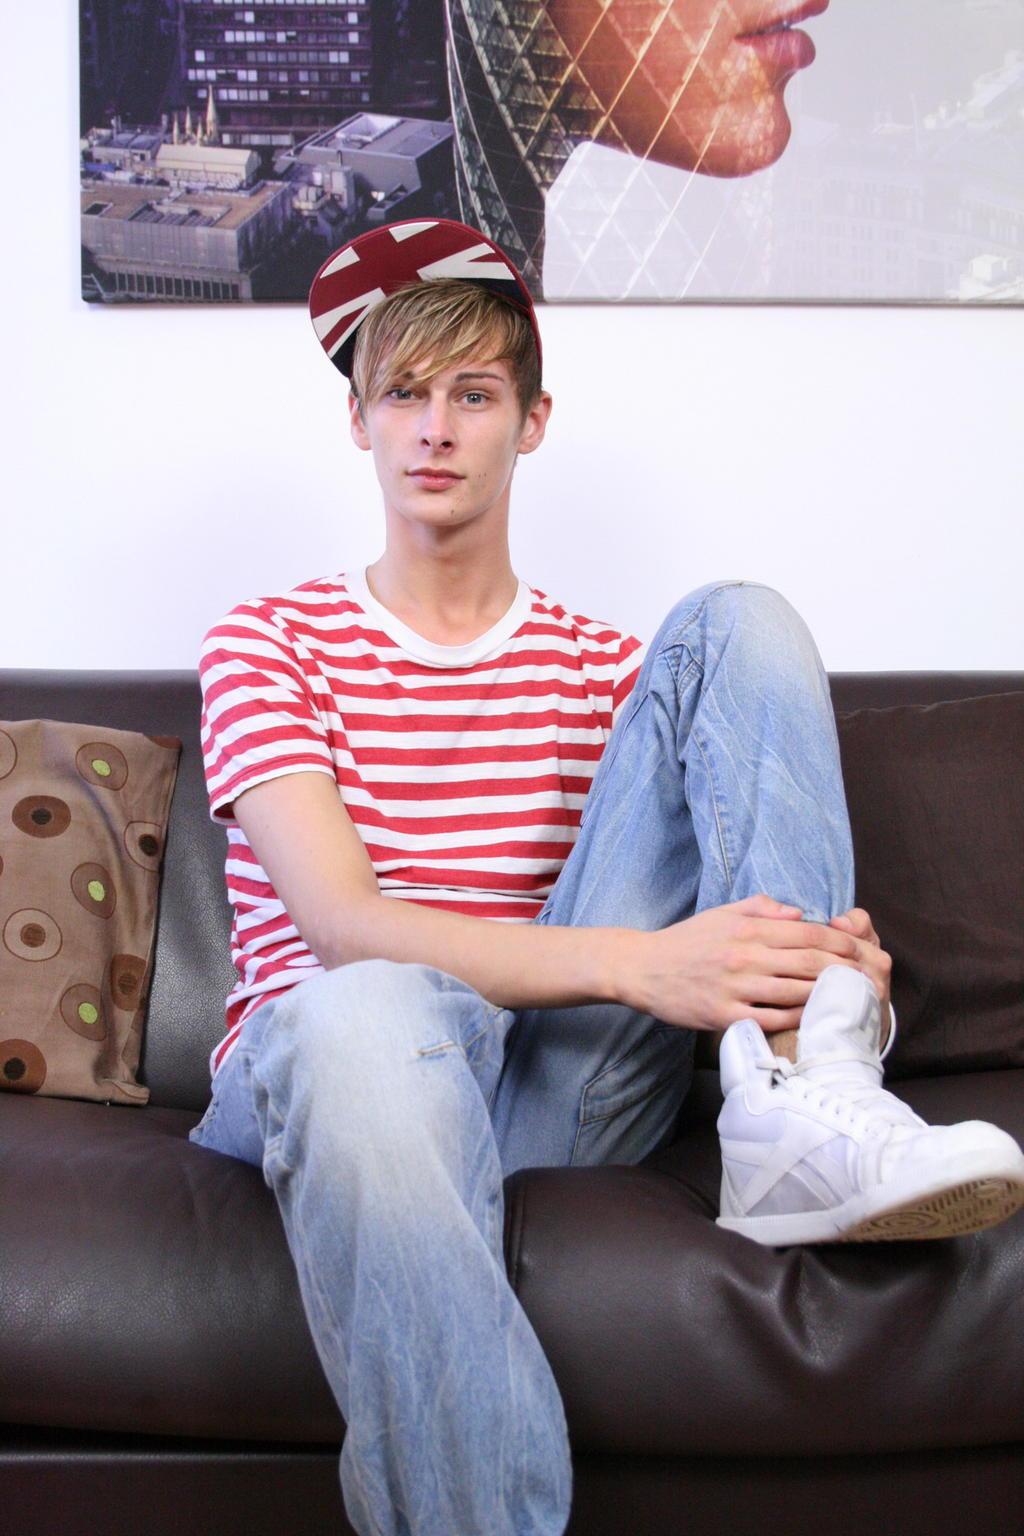 jeune mec en sneakers